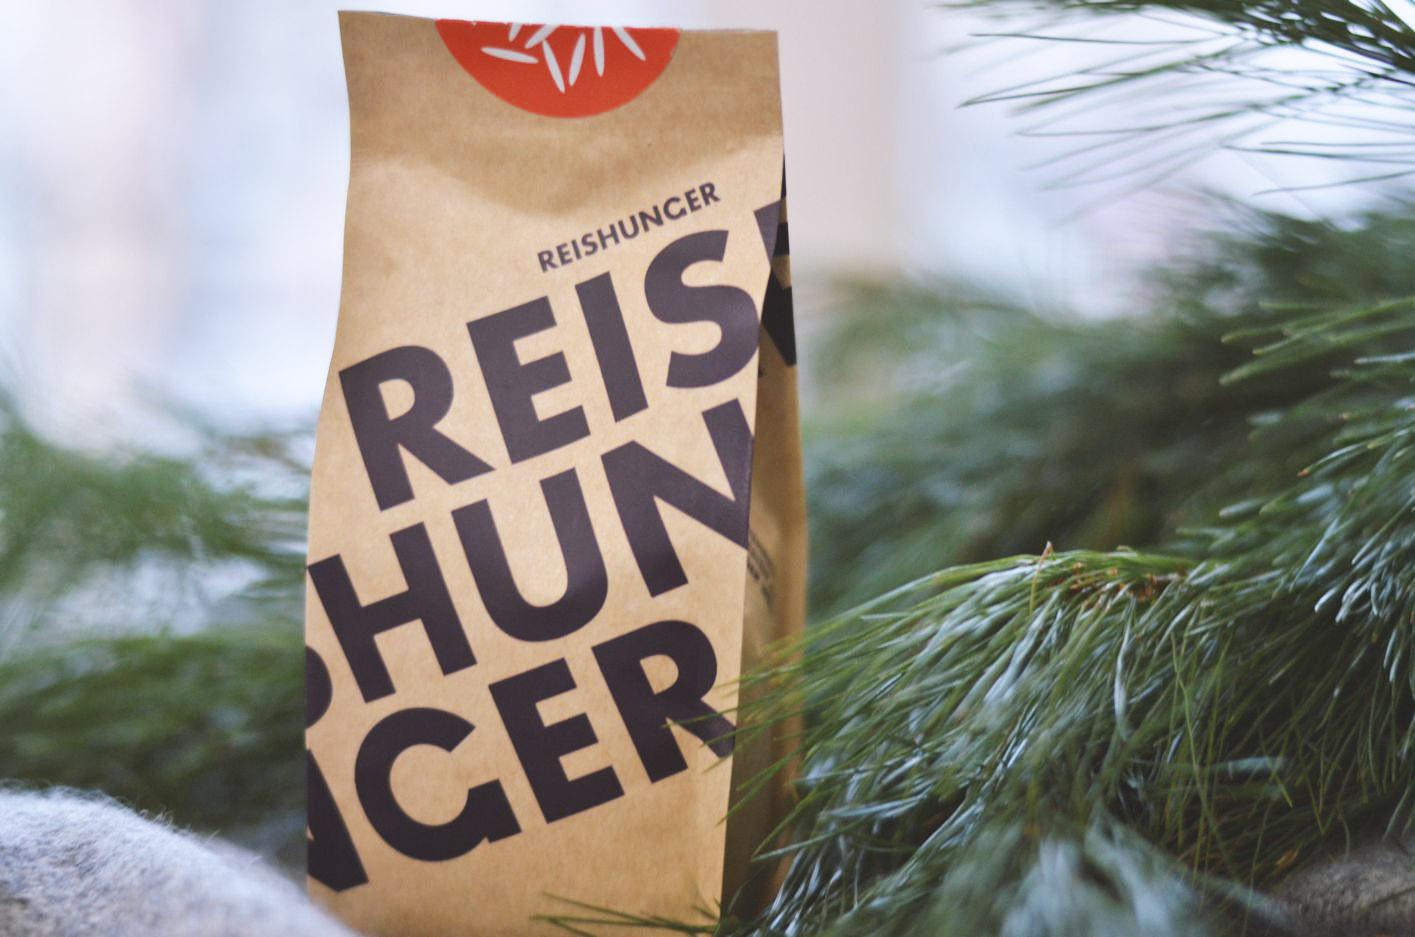 Wer  Reishunger  hat, wird beim gleichnamigen Bremer Start-up garantiert fündig. Aus dem Grund wandert auch eine Tüte Risottoreis ins X-Mas-Paket. Das Bio-Korn nennt sich in dem Fall Carnaroli und kommt naturalmente direkt aus dem Piemont/Italien.